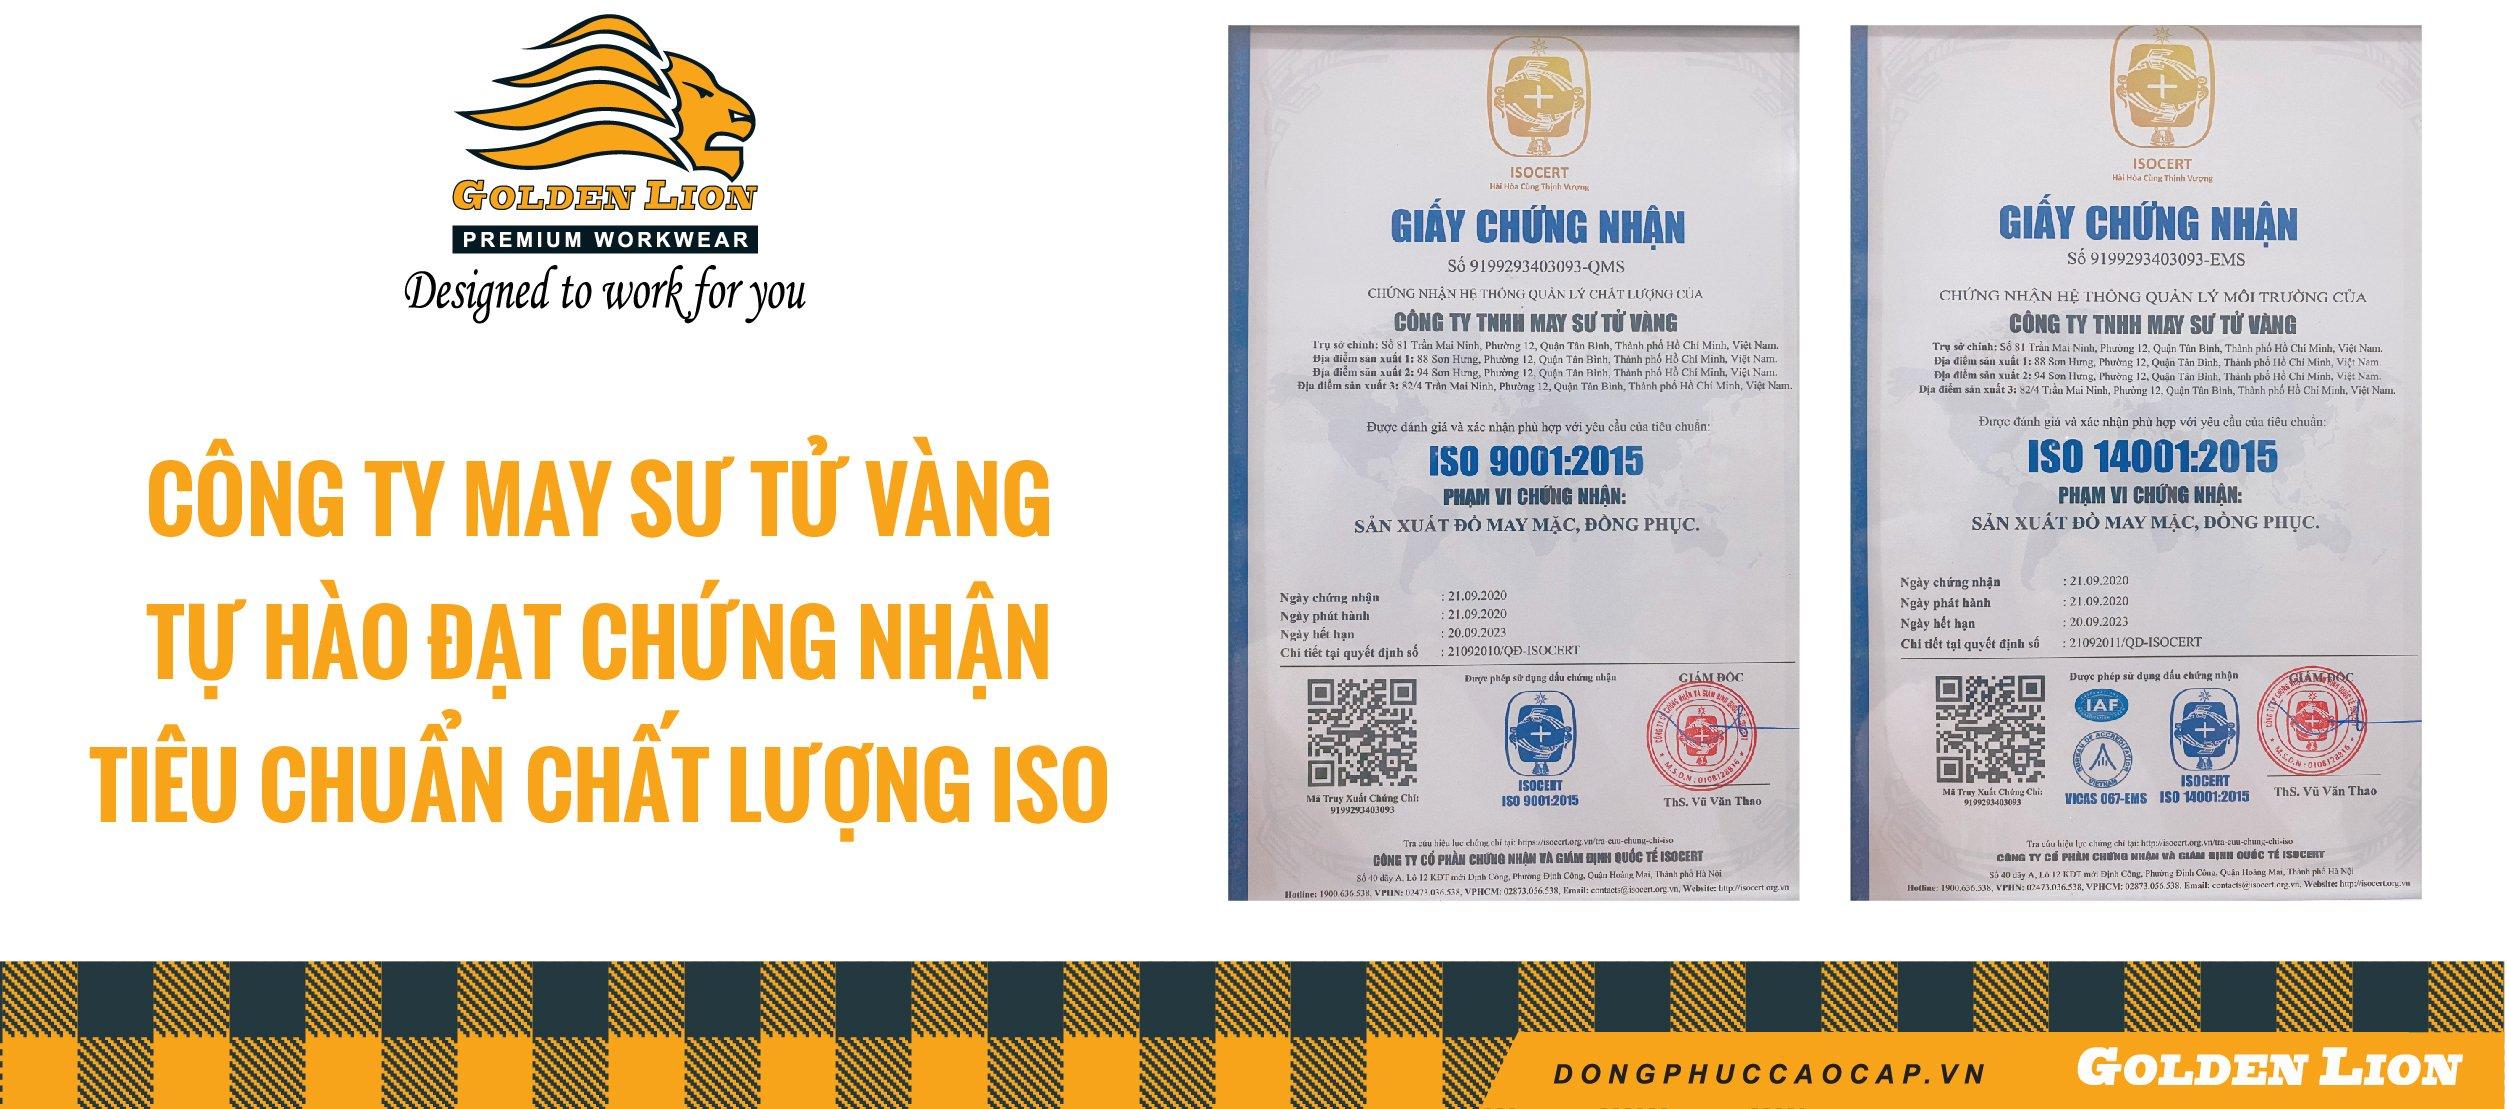 CÔNG TY MAY SƯ TỬ VÀNG TỰ HÀO ĐẠT CHÚNG NHÂỊ TIÊU CHUẨN CHẤT LƯỢNG ISO 9001:2015